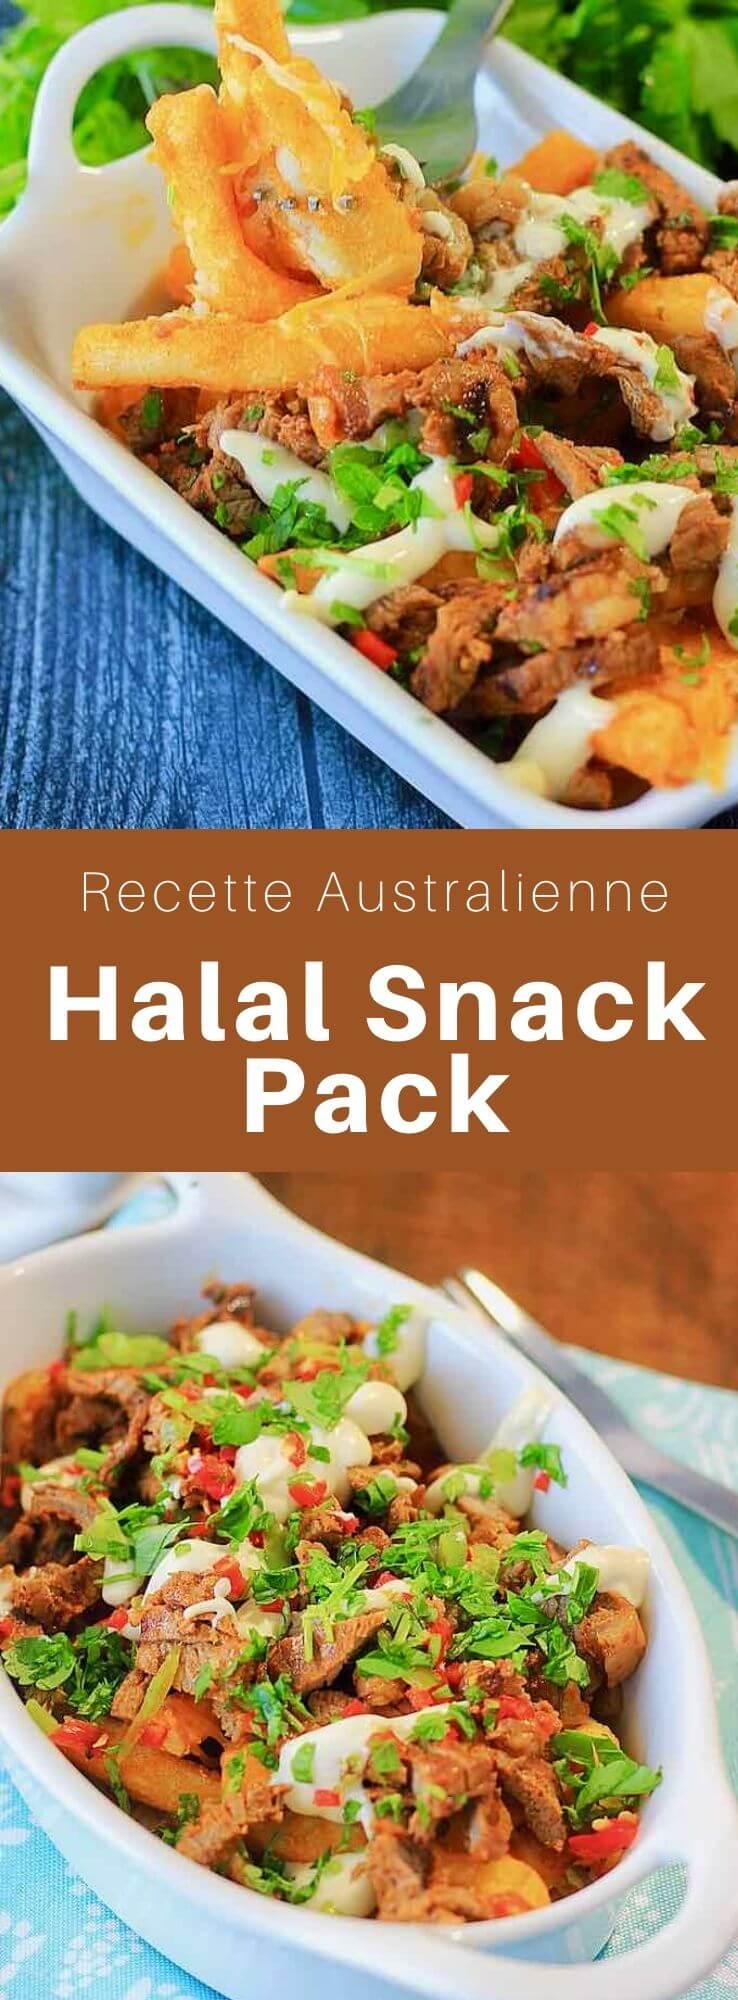 Le halal snack pack est un plat né en Australie et originaire du Moyen-Orient, composé de viande halal (agneau, poulet, ou boeuf), de frites, de fromage et différentes sauces. #Australie #RecetteAustralienne #CuisineDuMonde #196flavors